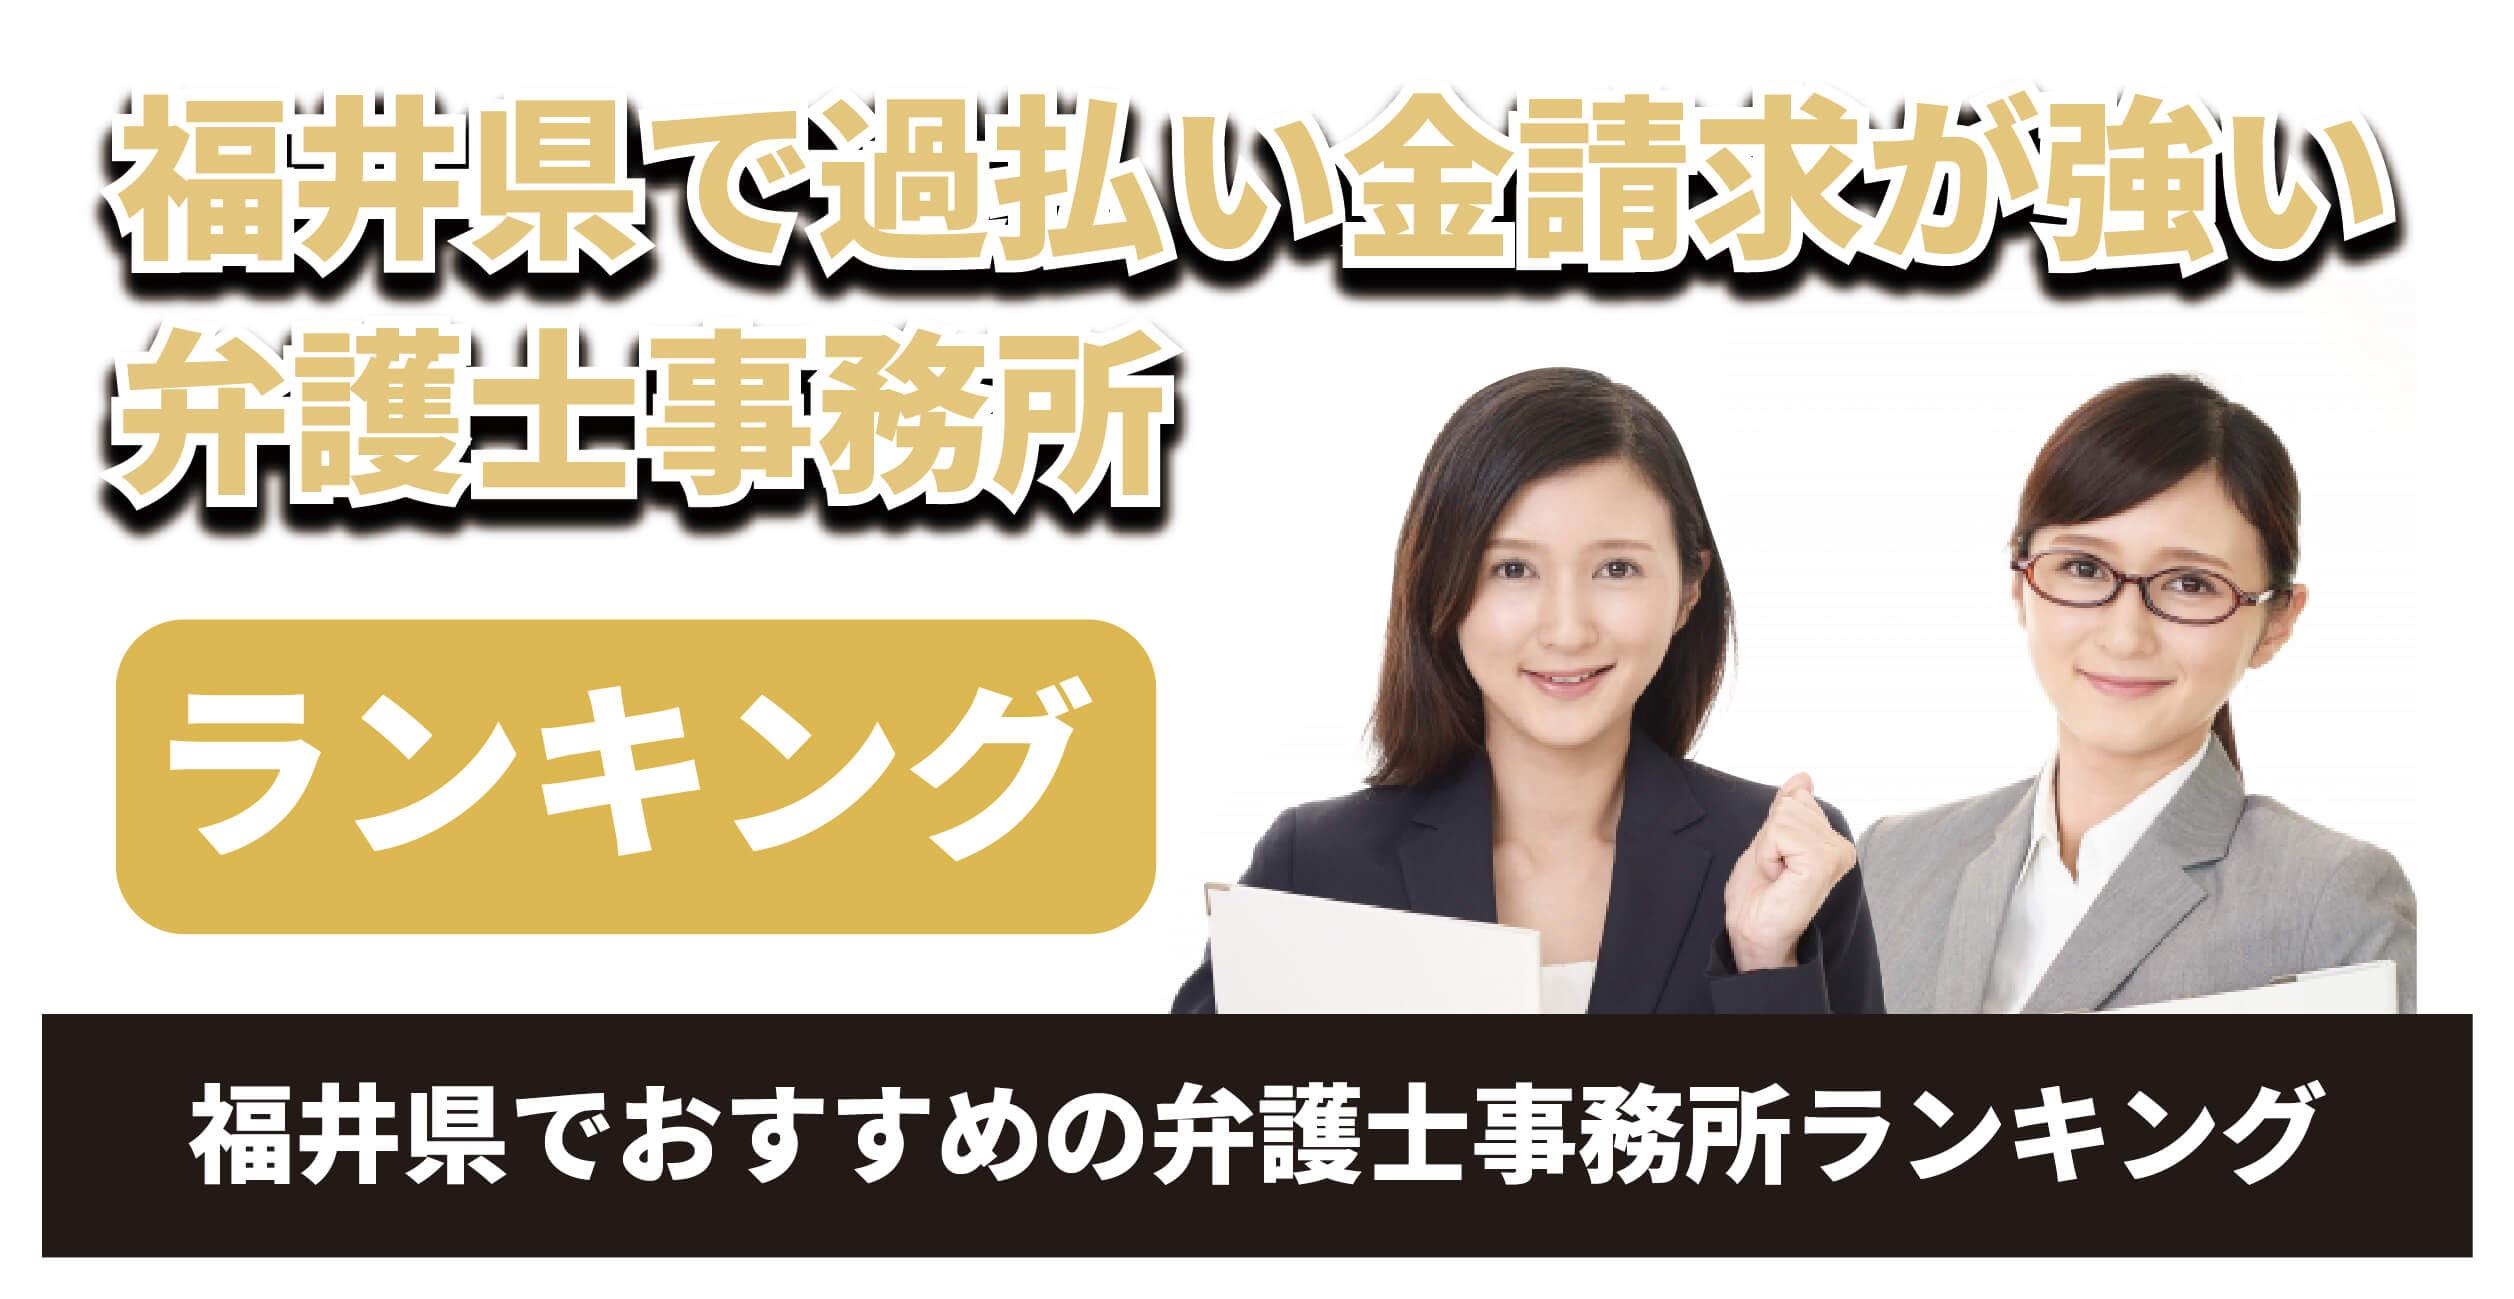 福井県で過払い金請求が強い弁護士